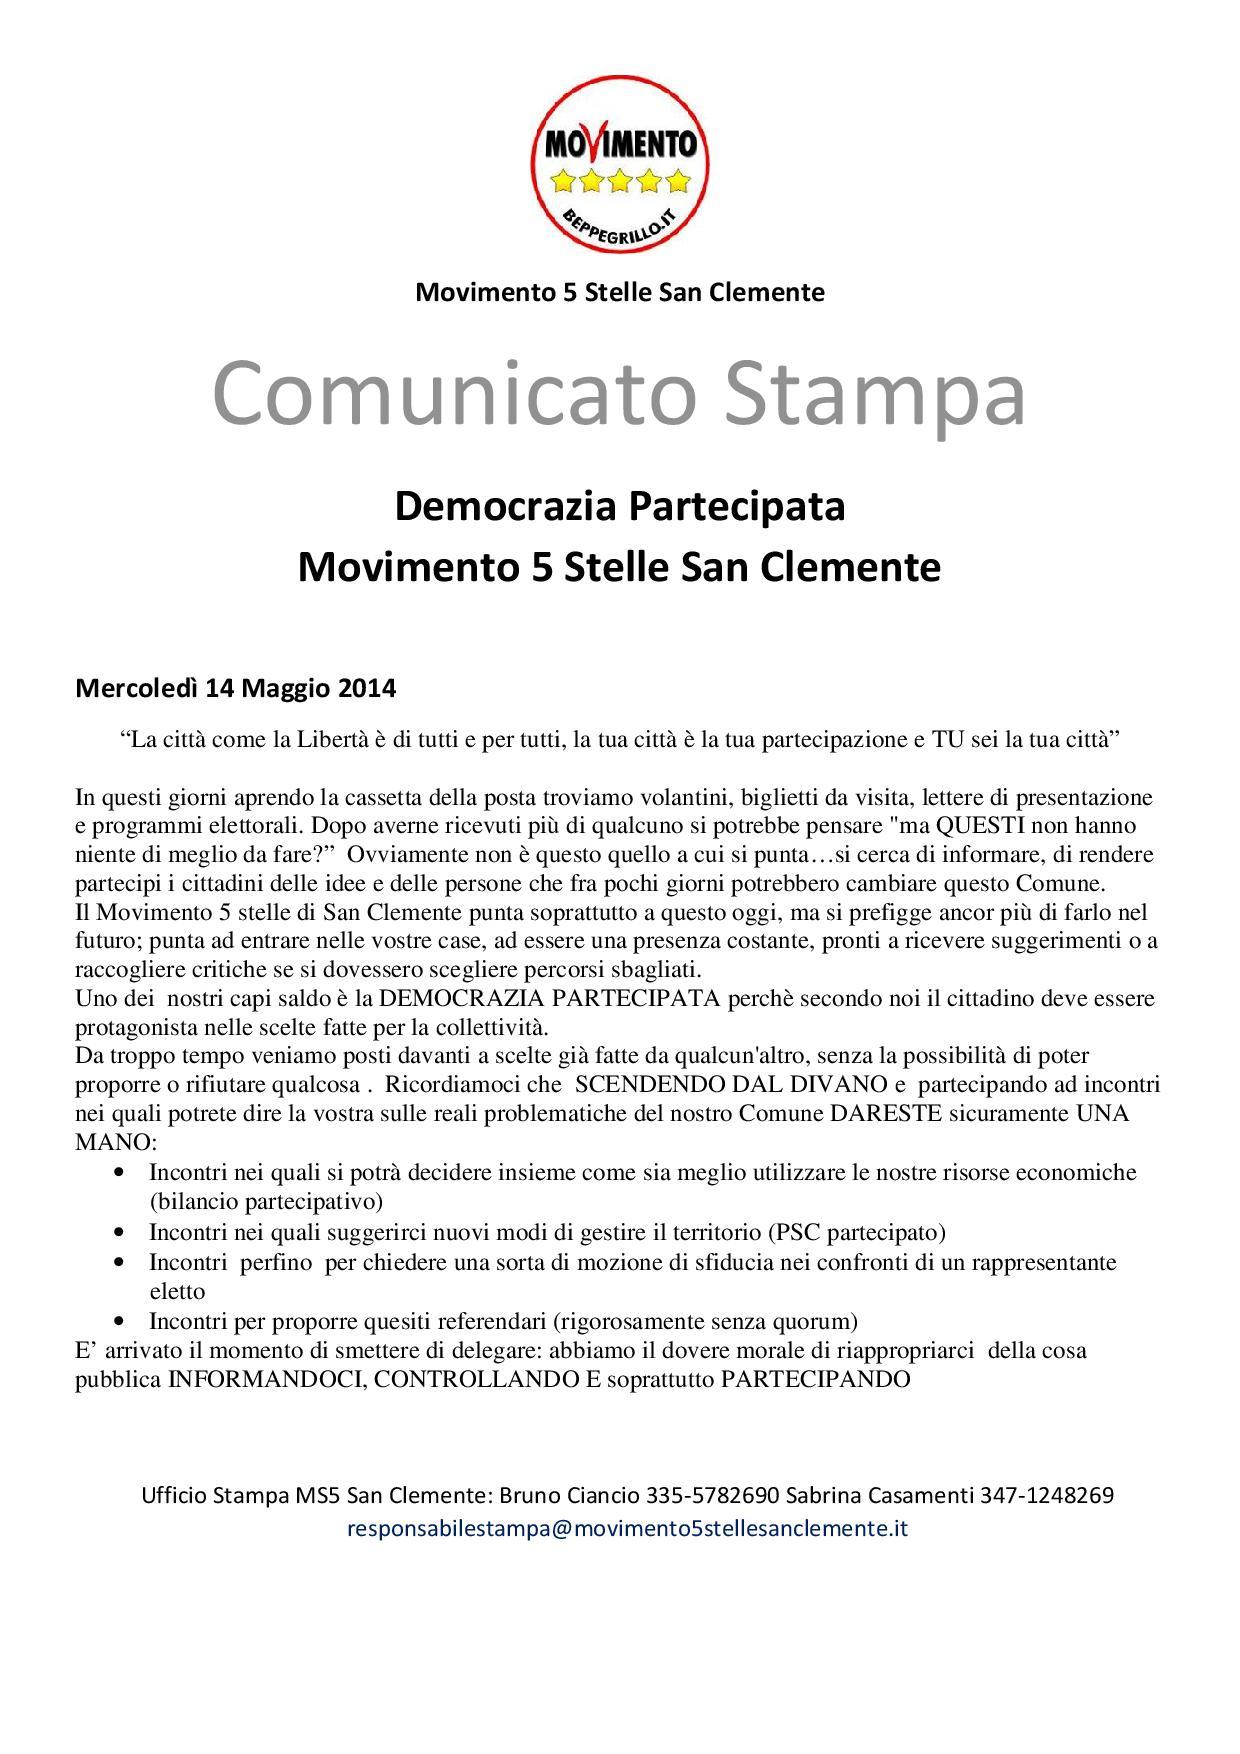 Comunicato Stampa M5S San Clemente democrazia partecipata